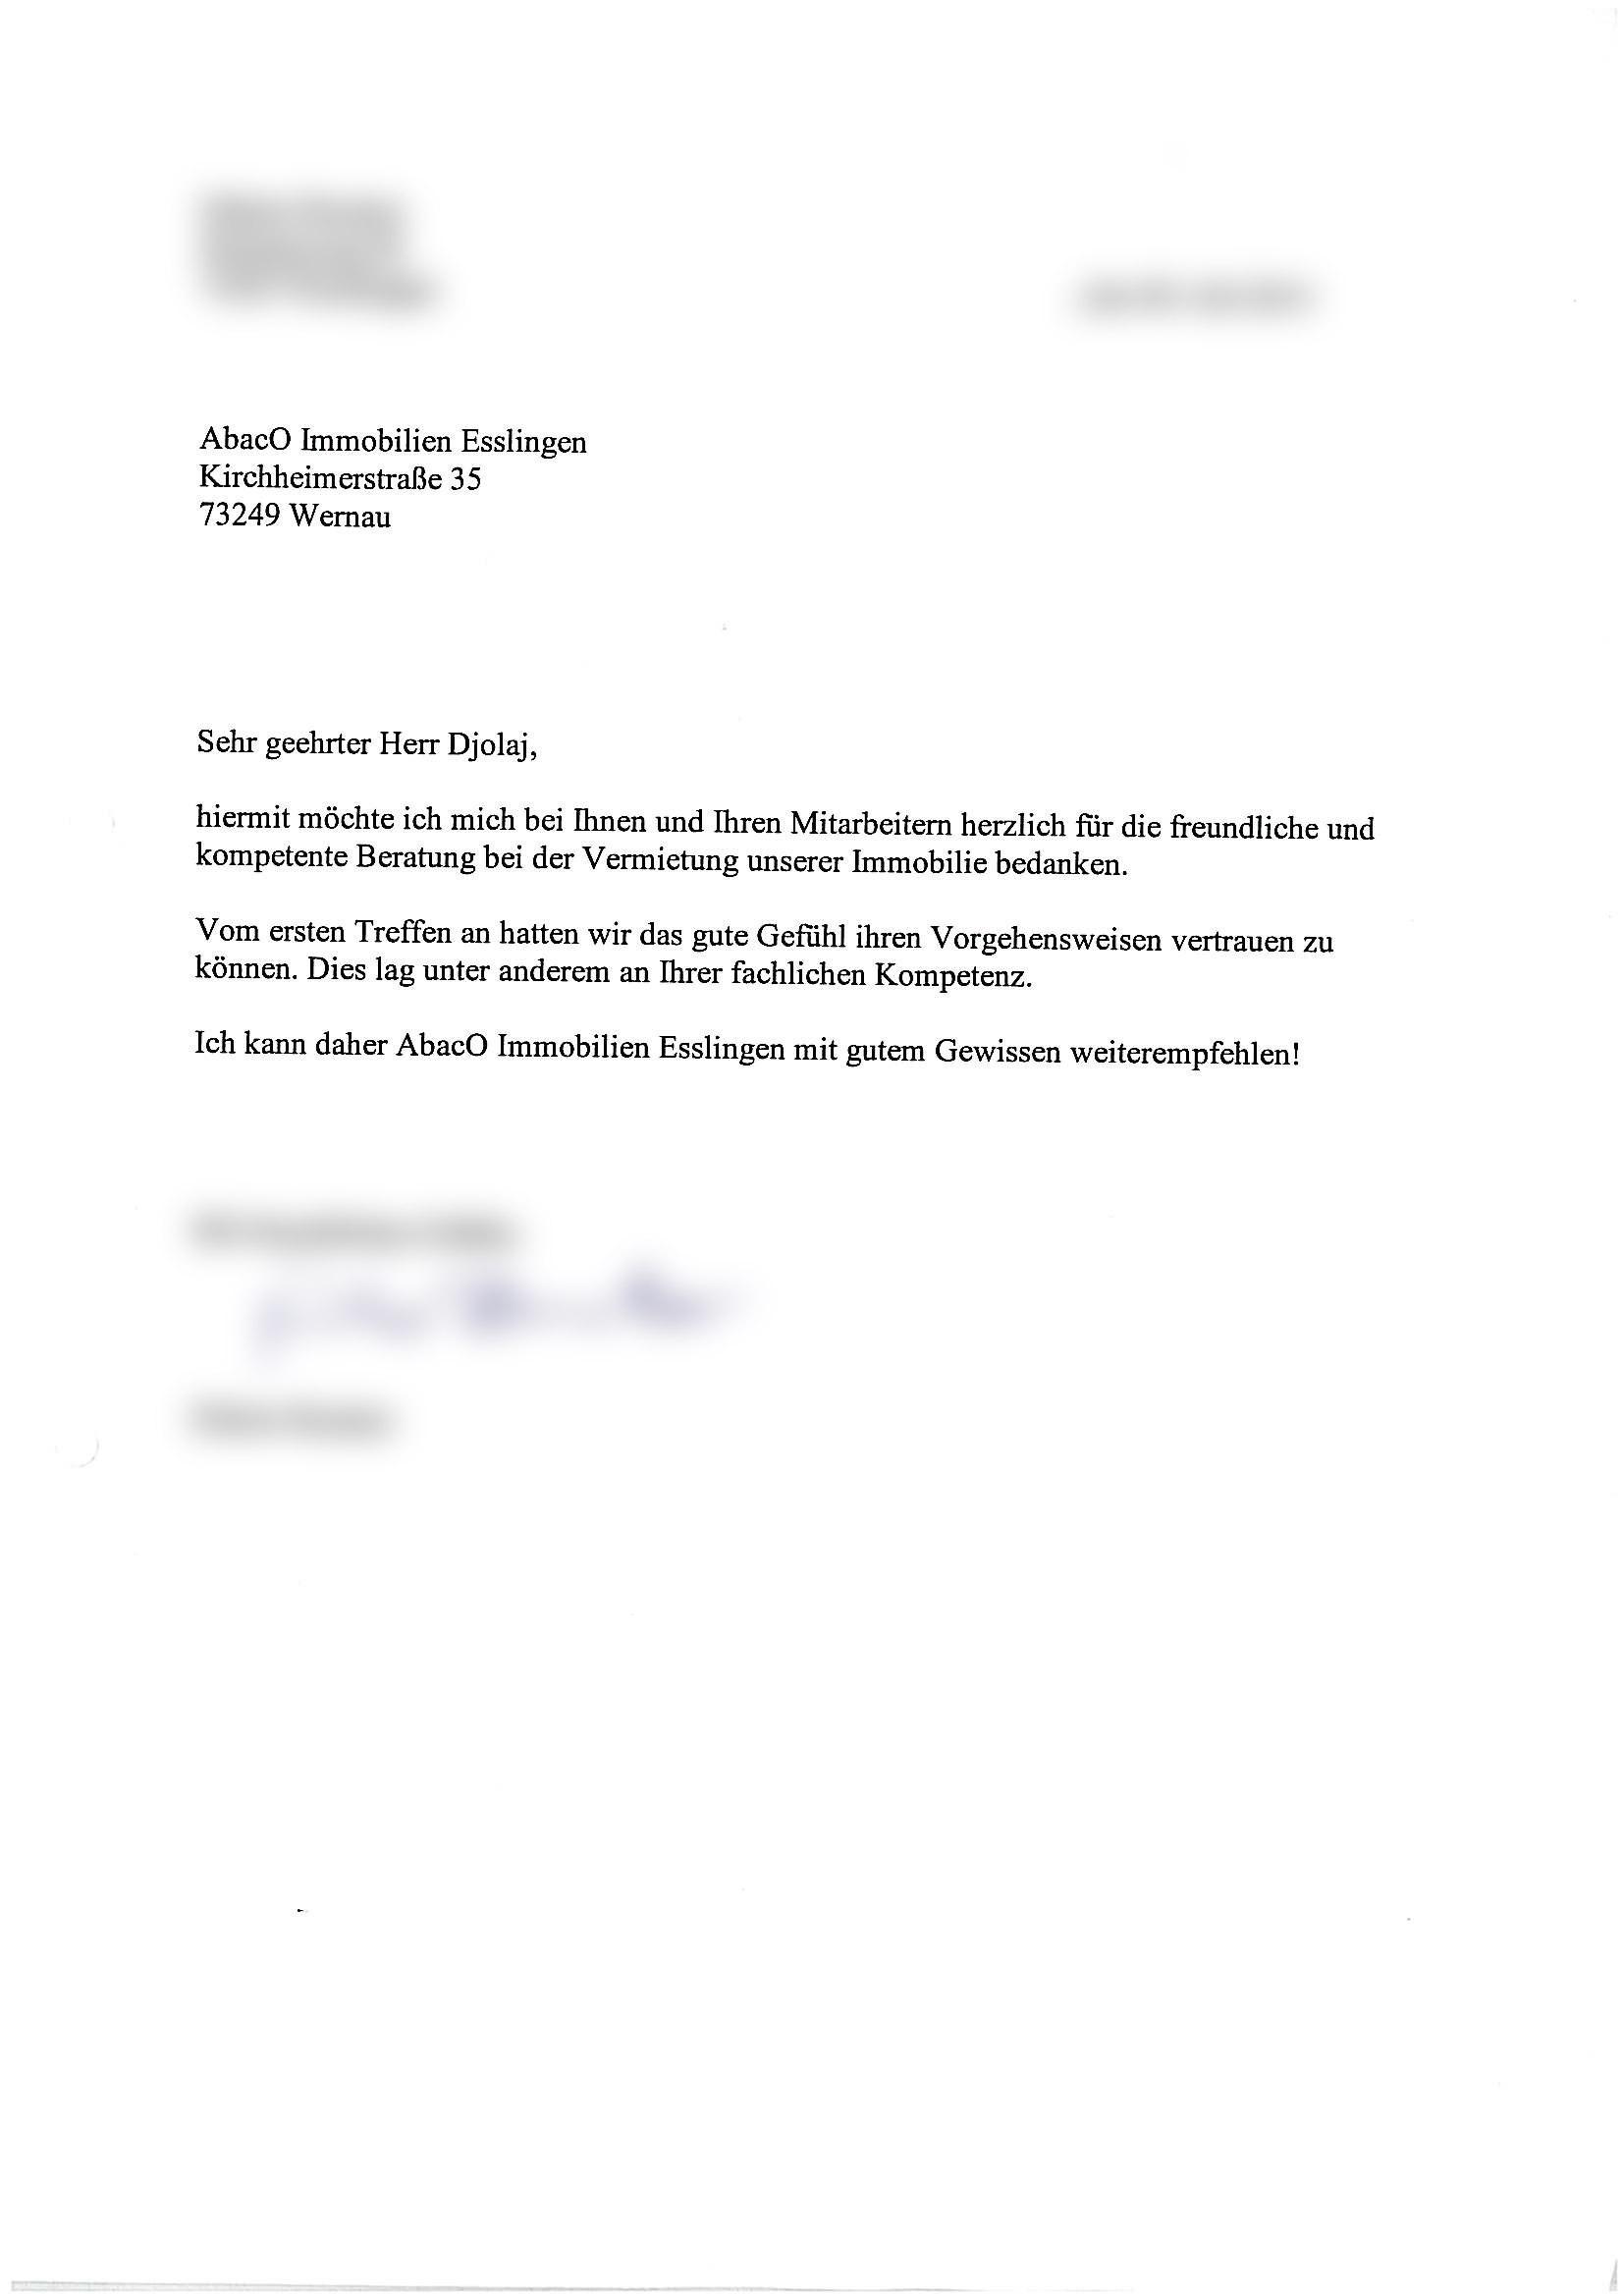 Dorable Wie Man Einen Mitarbeiter Referenz Brief Schreiben ...